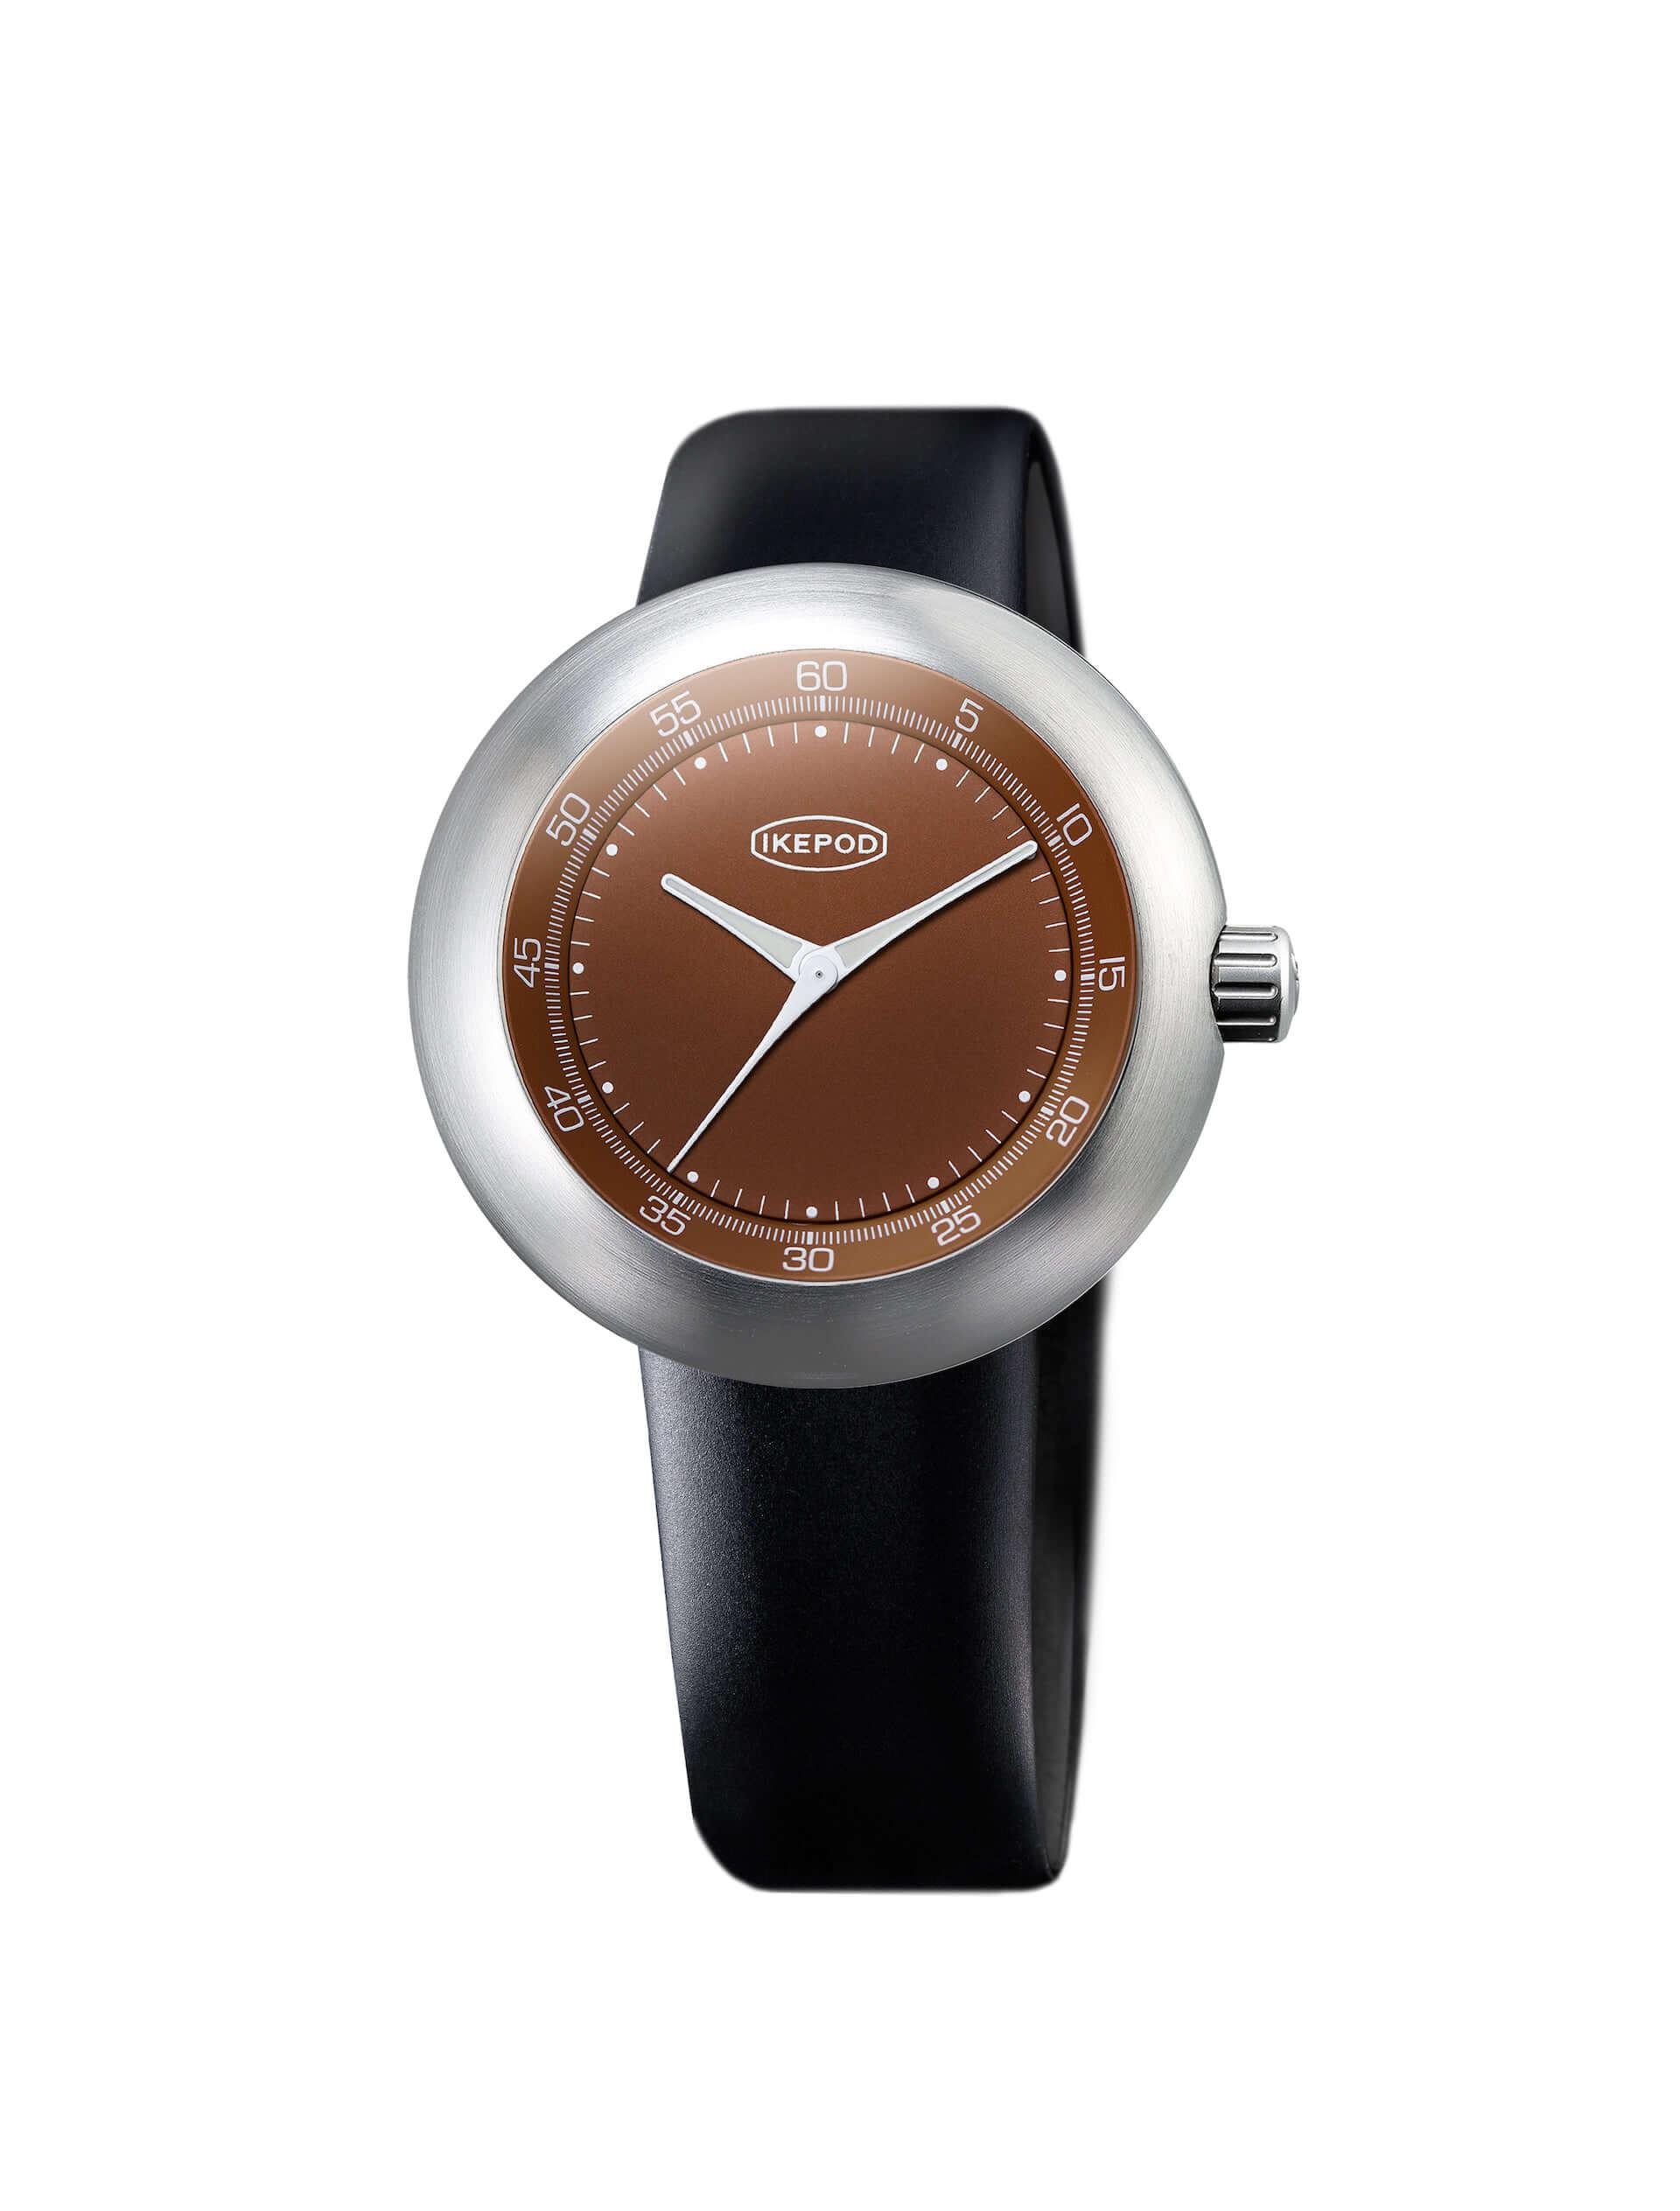 世界で50本のみ!スイス時計ブランド・IKEPODの新コレクション「Megapod」から、復活後初の限定モデルが発売決定 life200610_ikepod_megapod_1-1920x2527